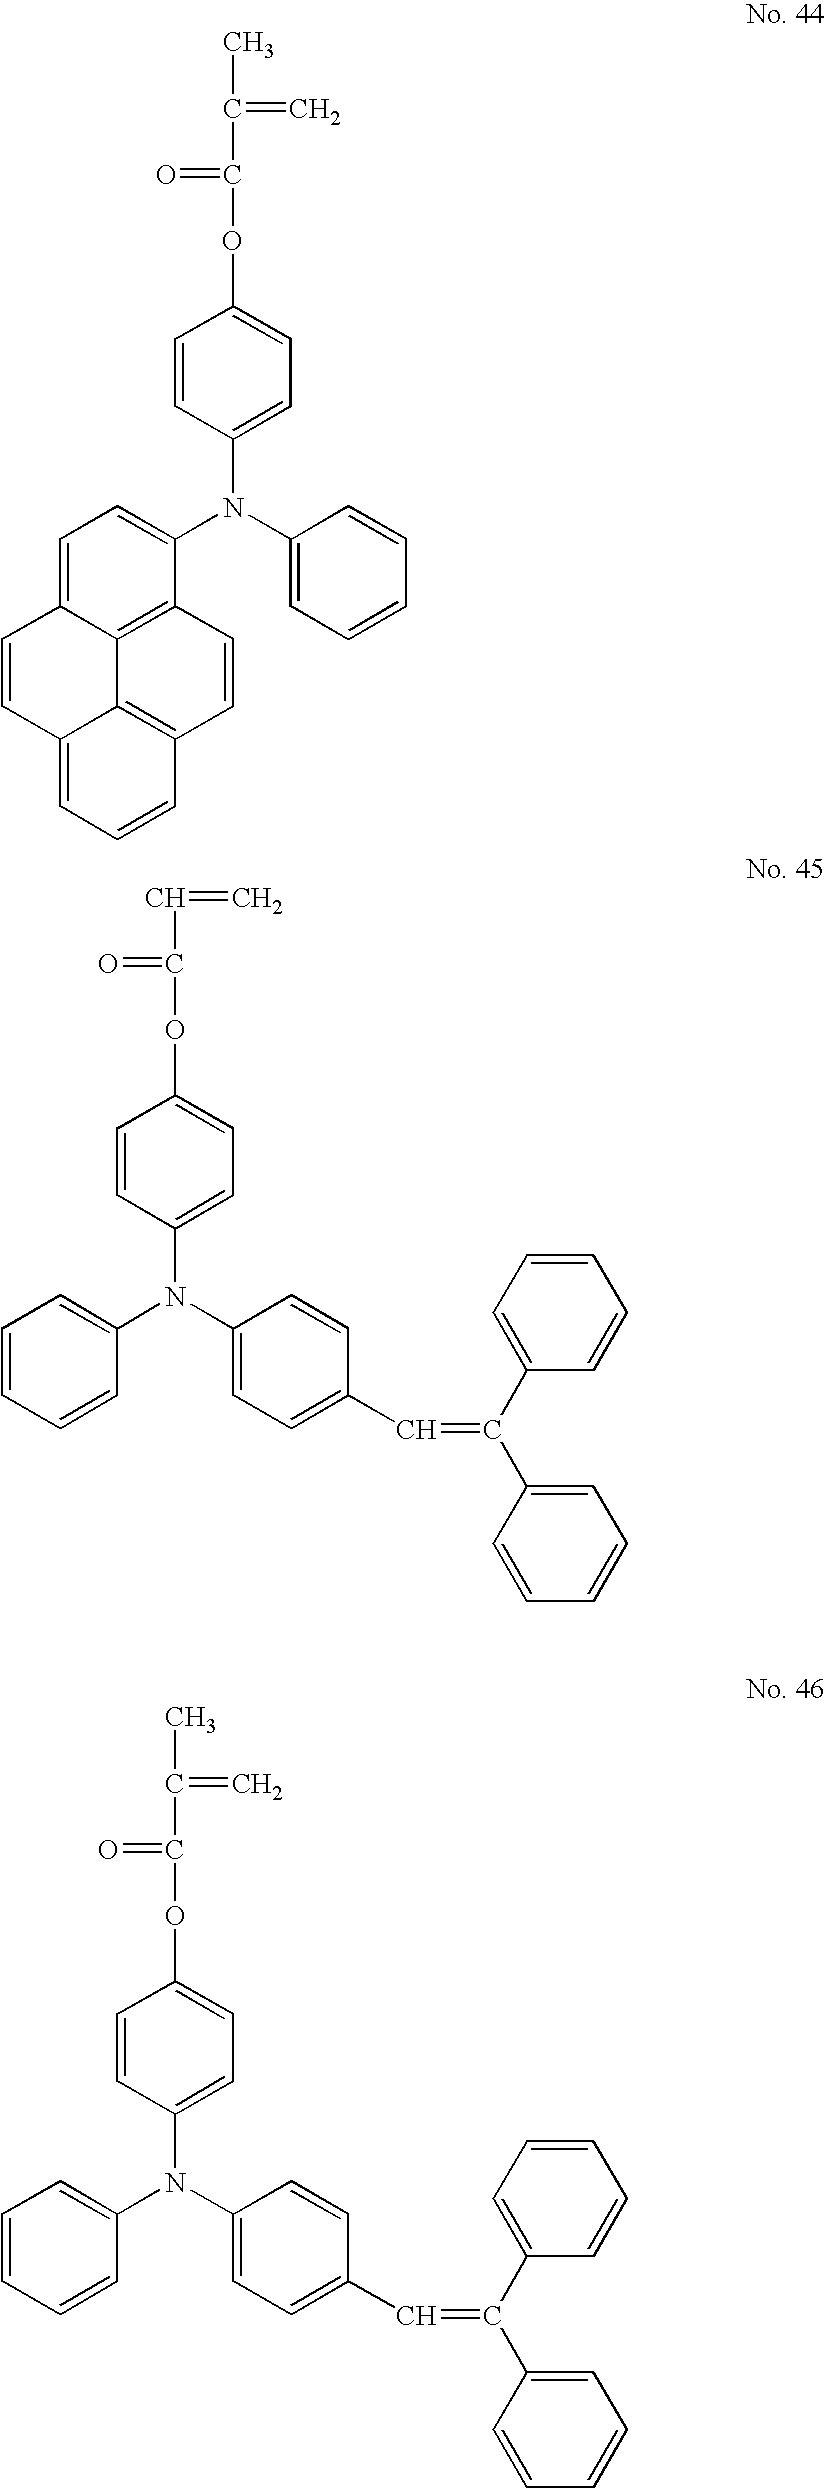 Figure US07824830-20101102-C00030